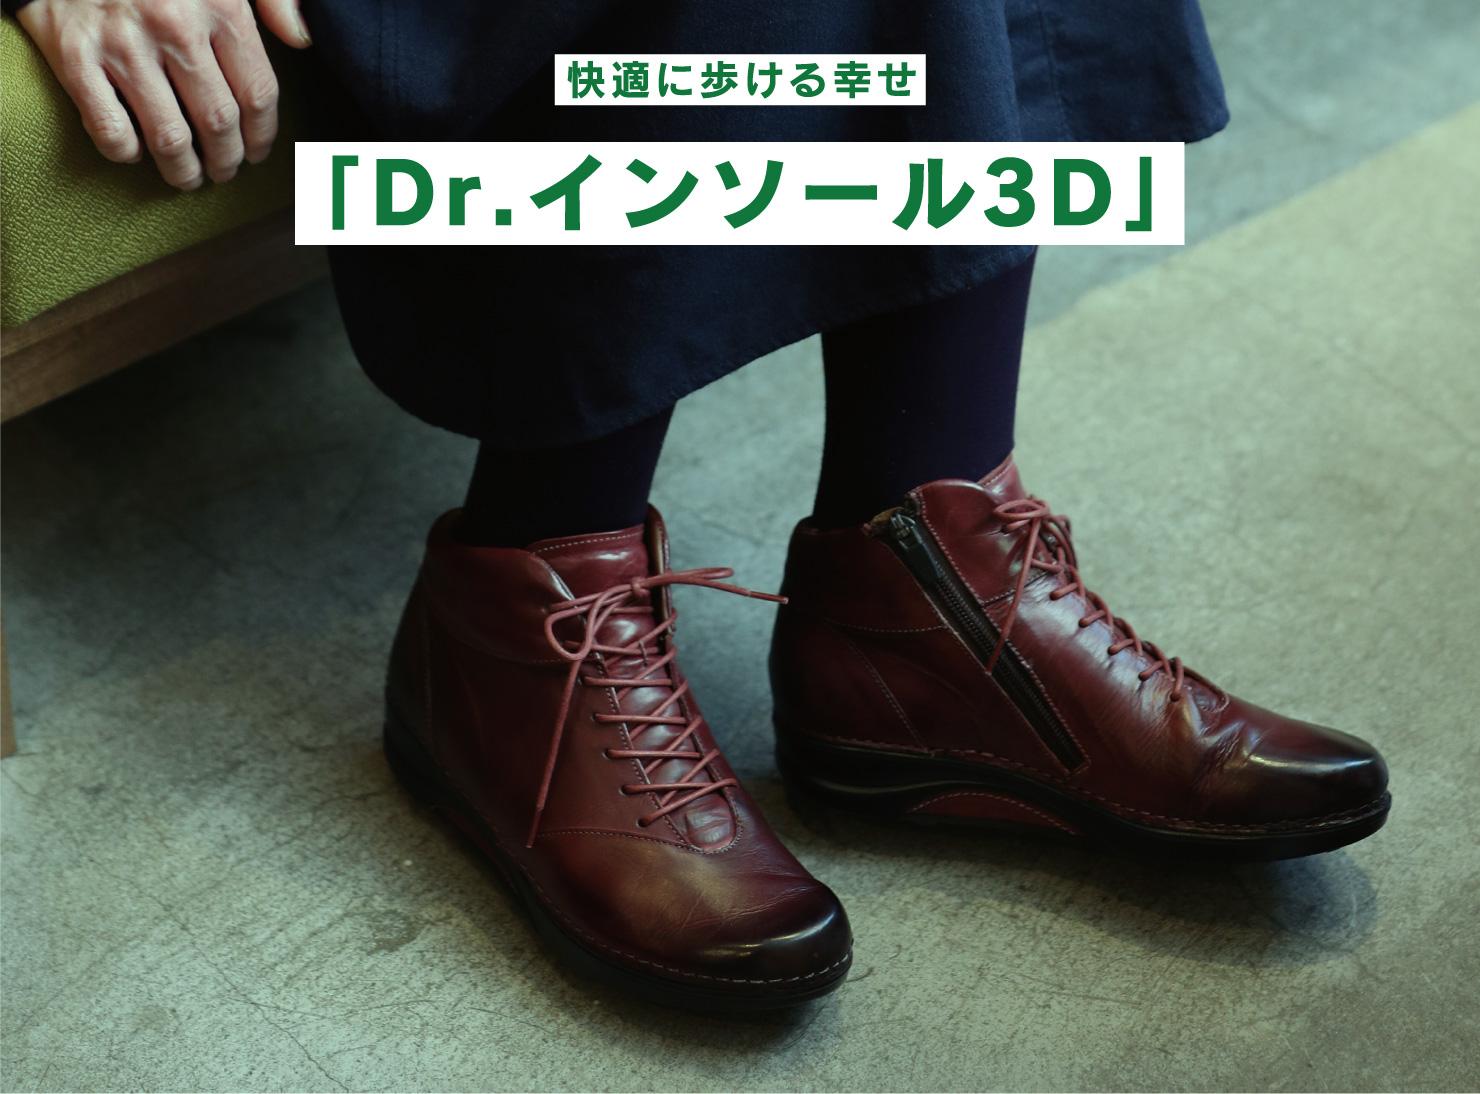 快適に歩ける幸せ「Dr.インソール3D」